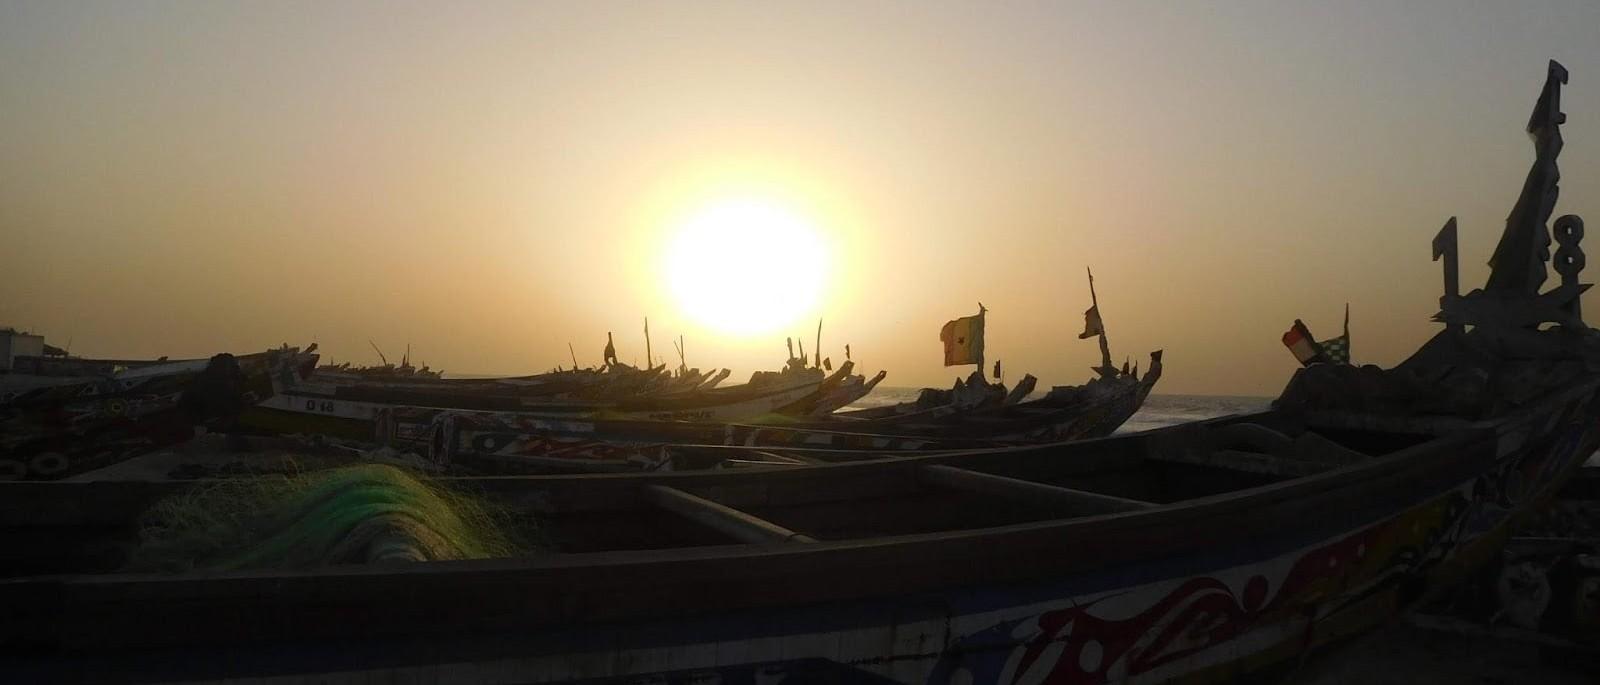 Gap Year in Senegal